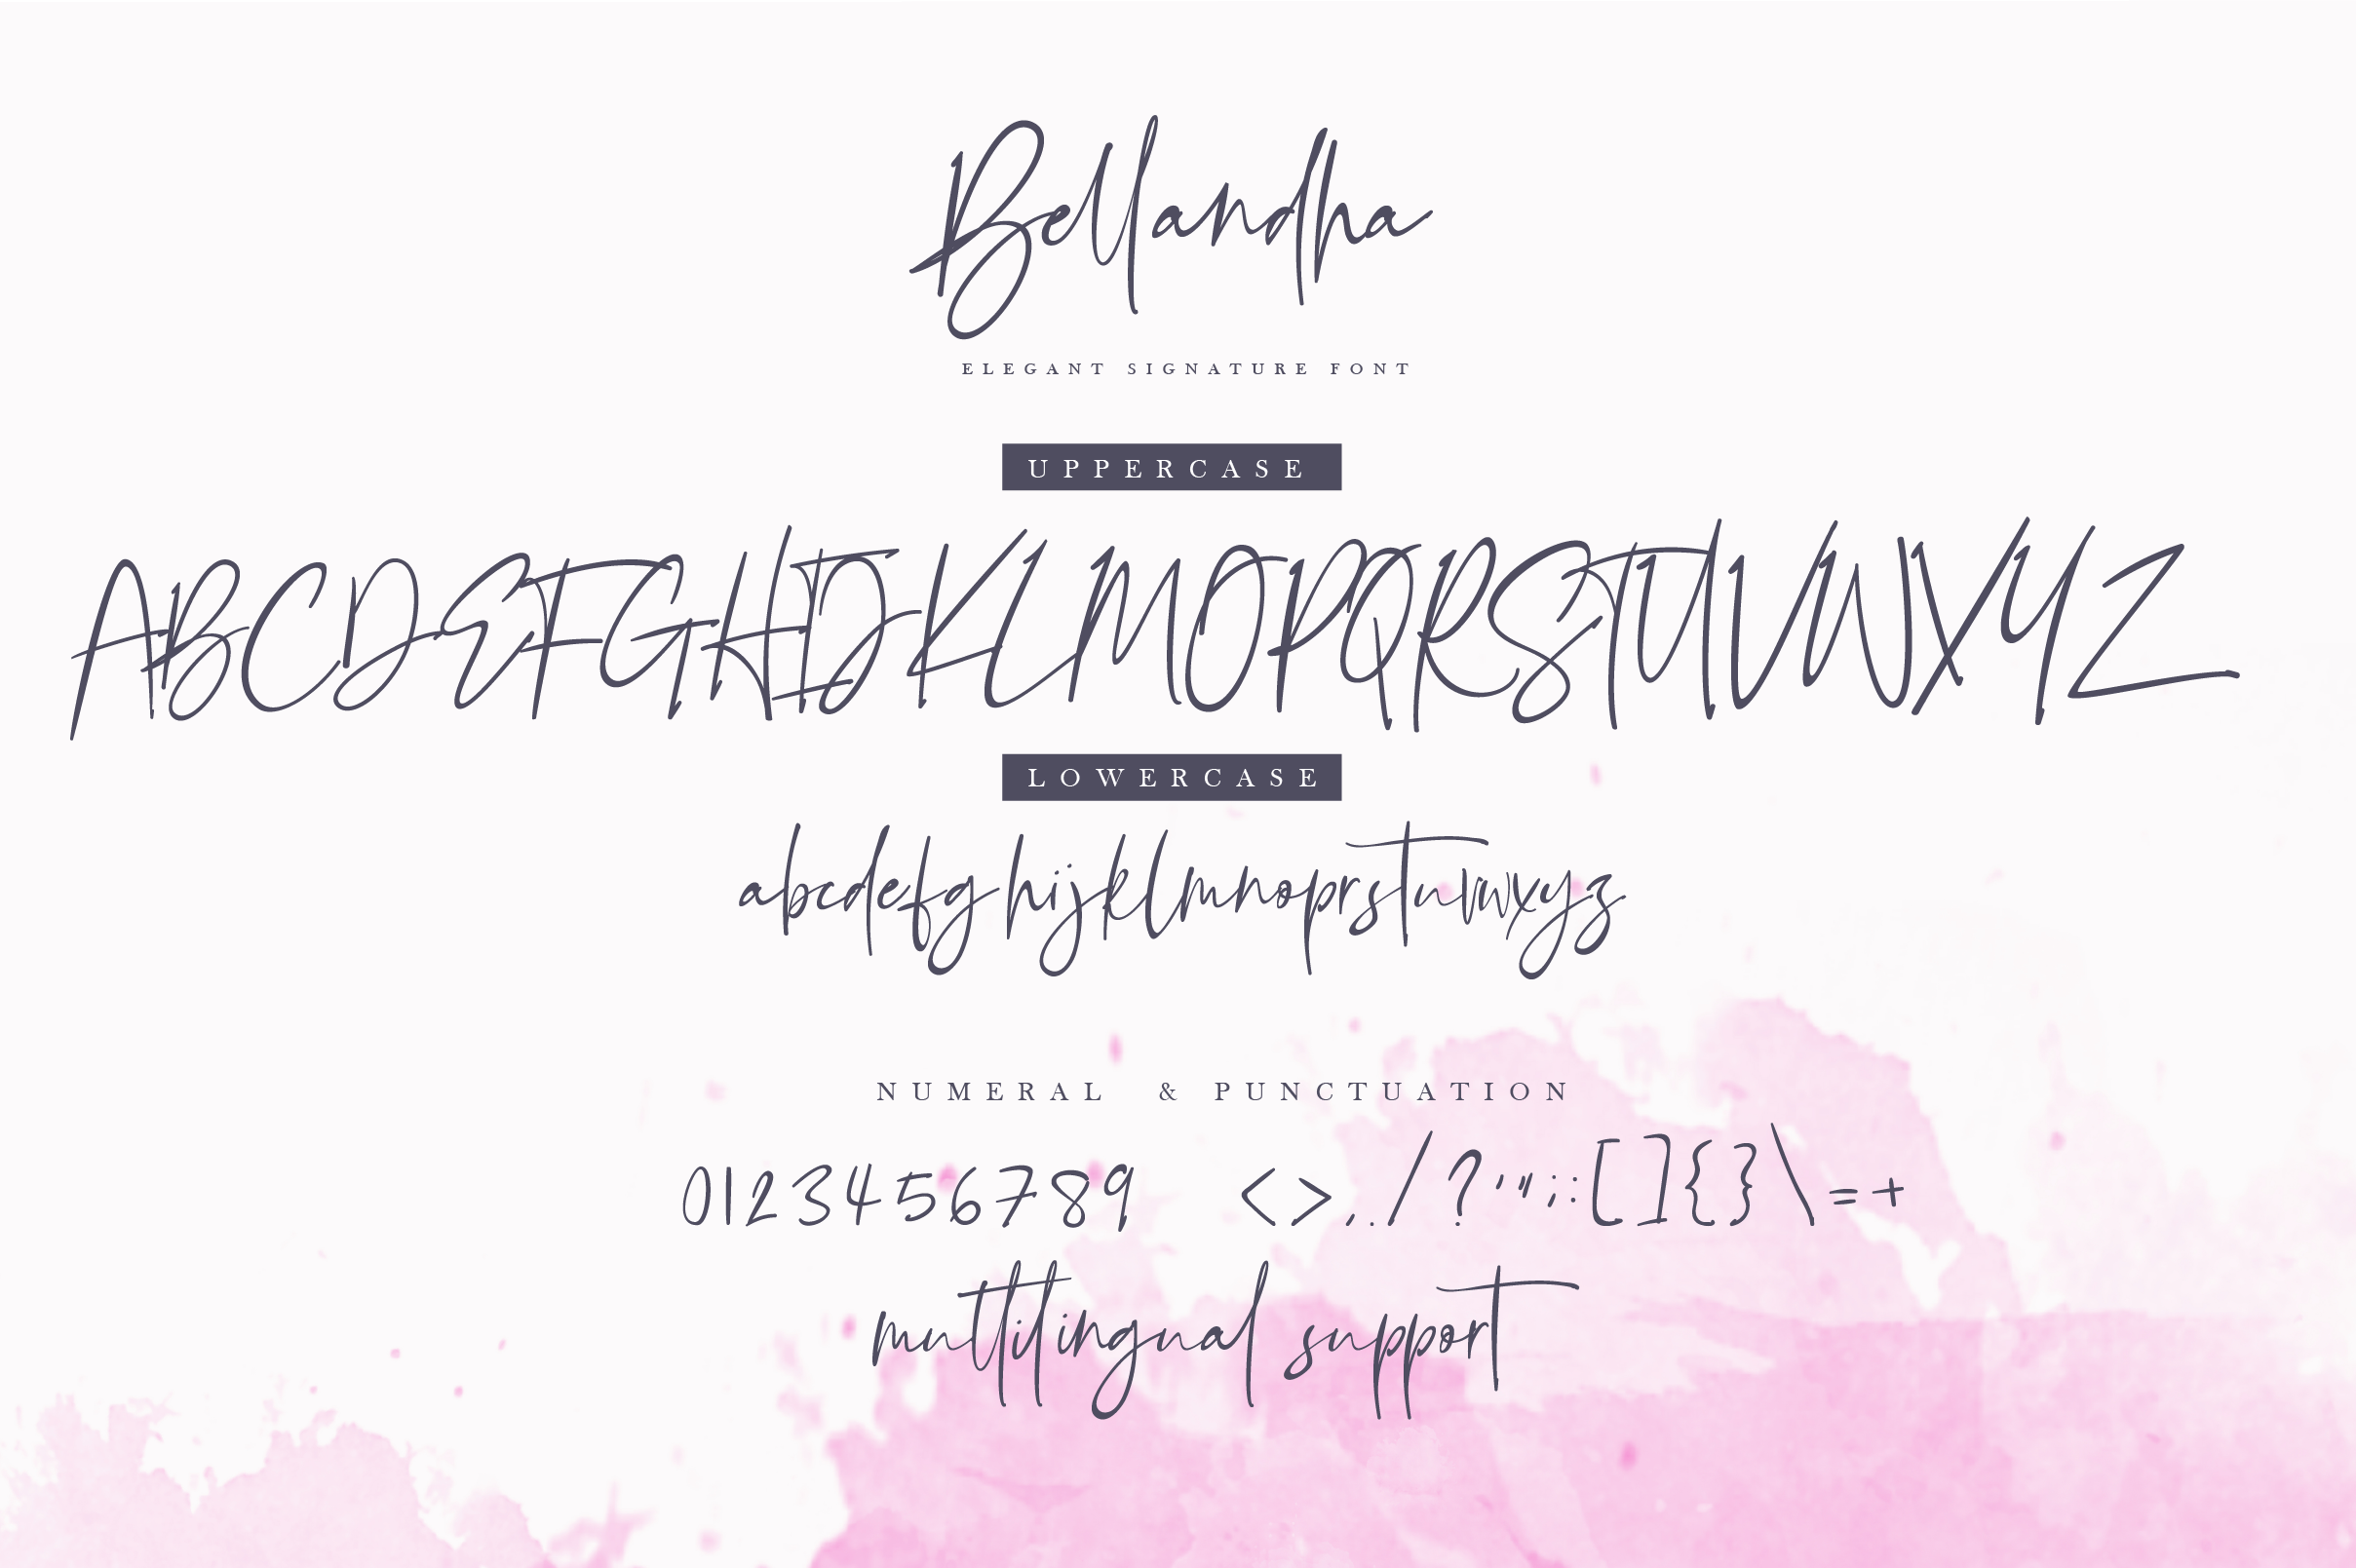 Bellandha Signature example image 11